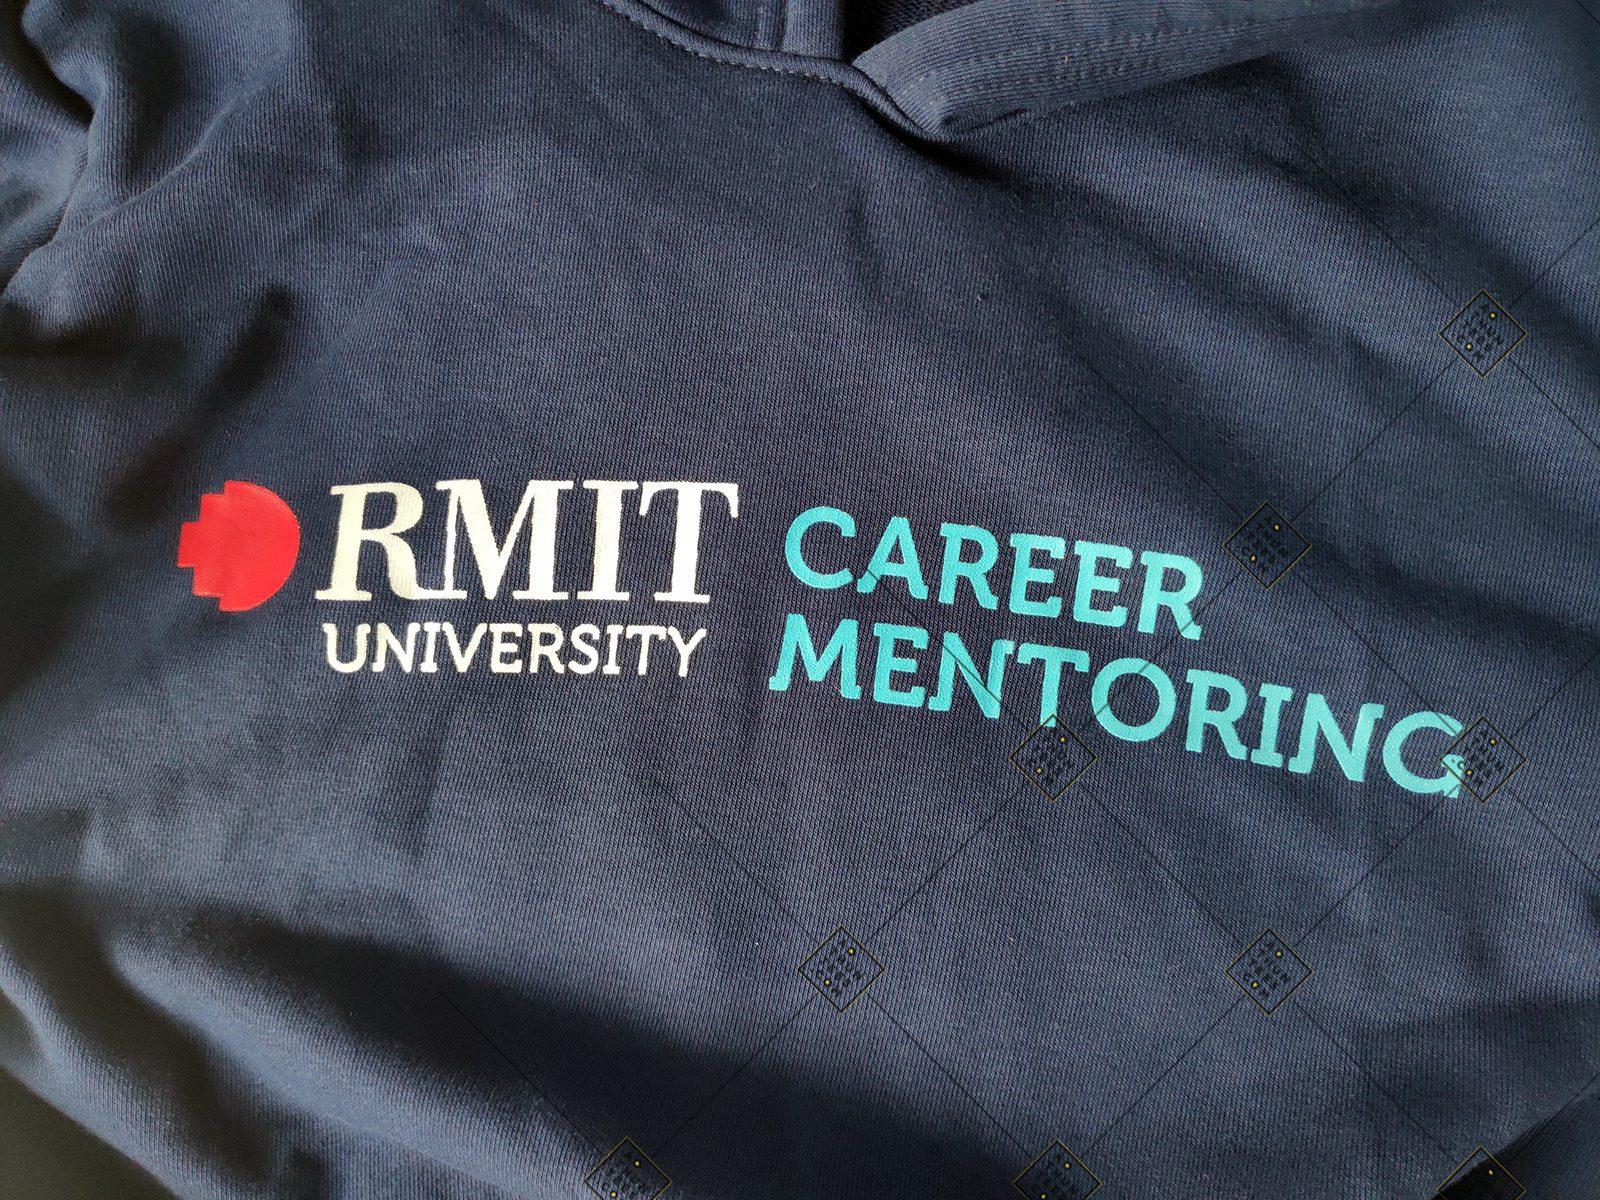 Rmit Hoodie 6 73eeb9690b7df323aa6c7 - Áo hoodie đồng phục trường Đại học Quốc tế RMIT Việt Nam - Career Mentoring